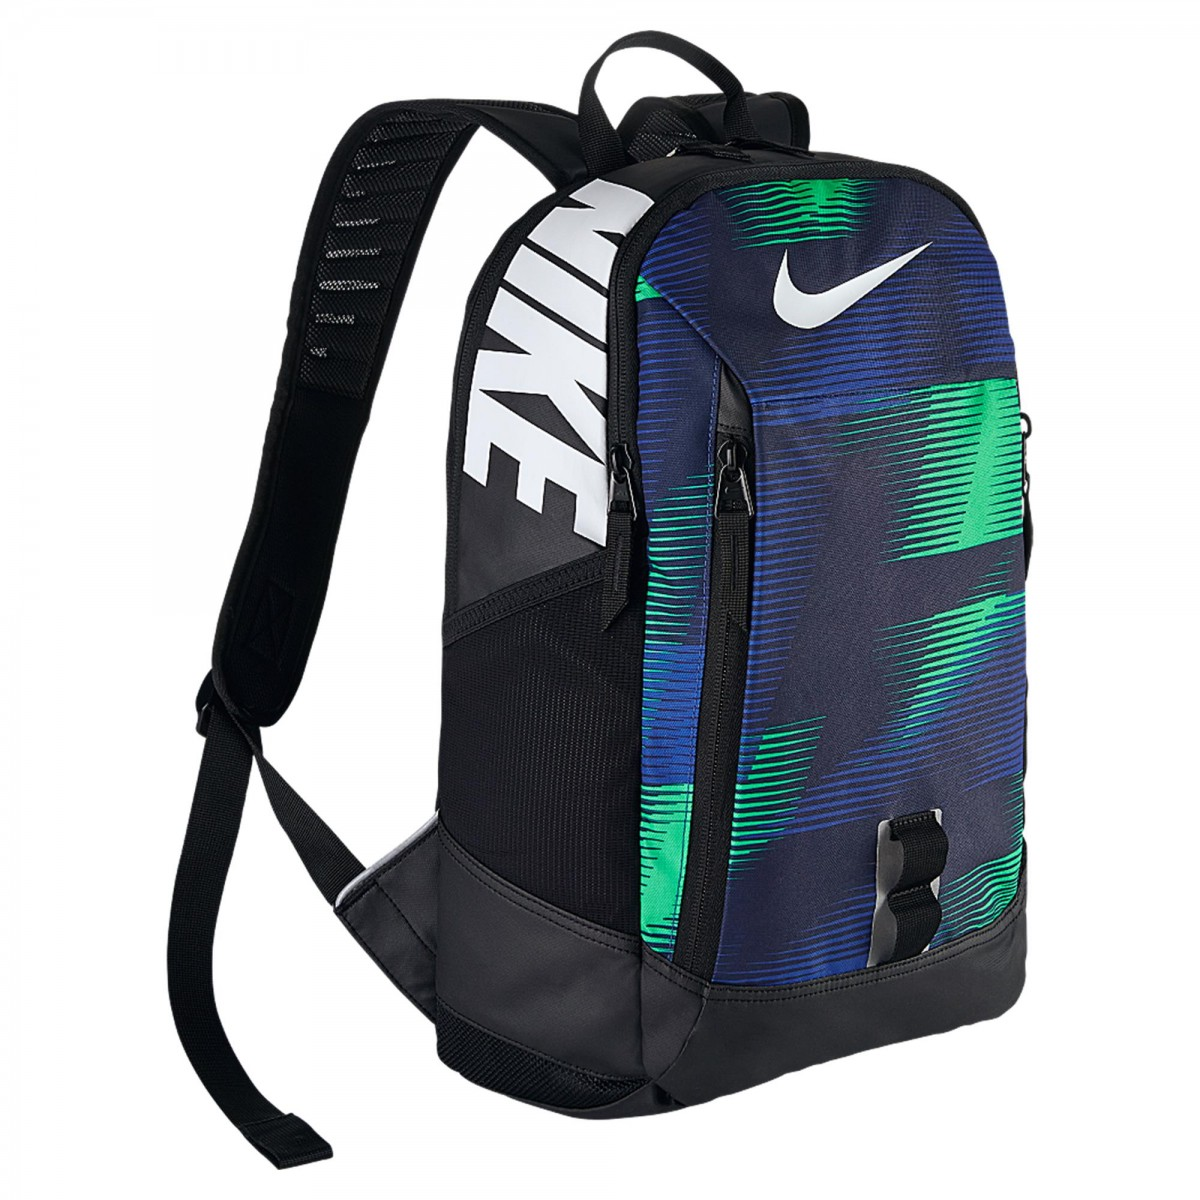 02cc9da77b7ce Mochila Nike Alph Adpt Rse   Preto/verde   Coutope